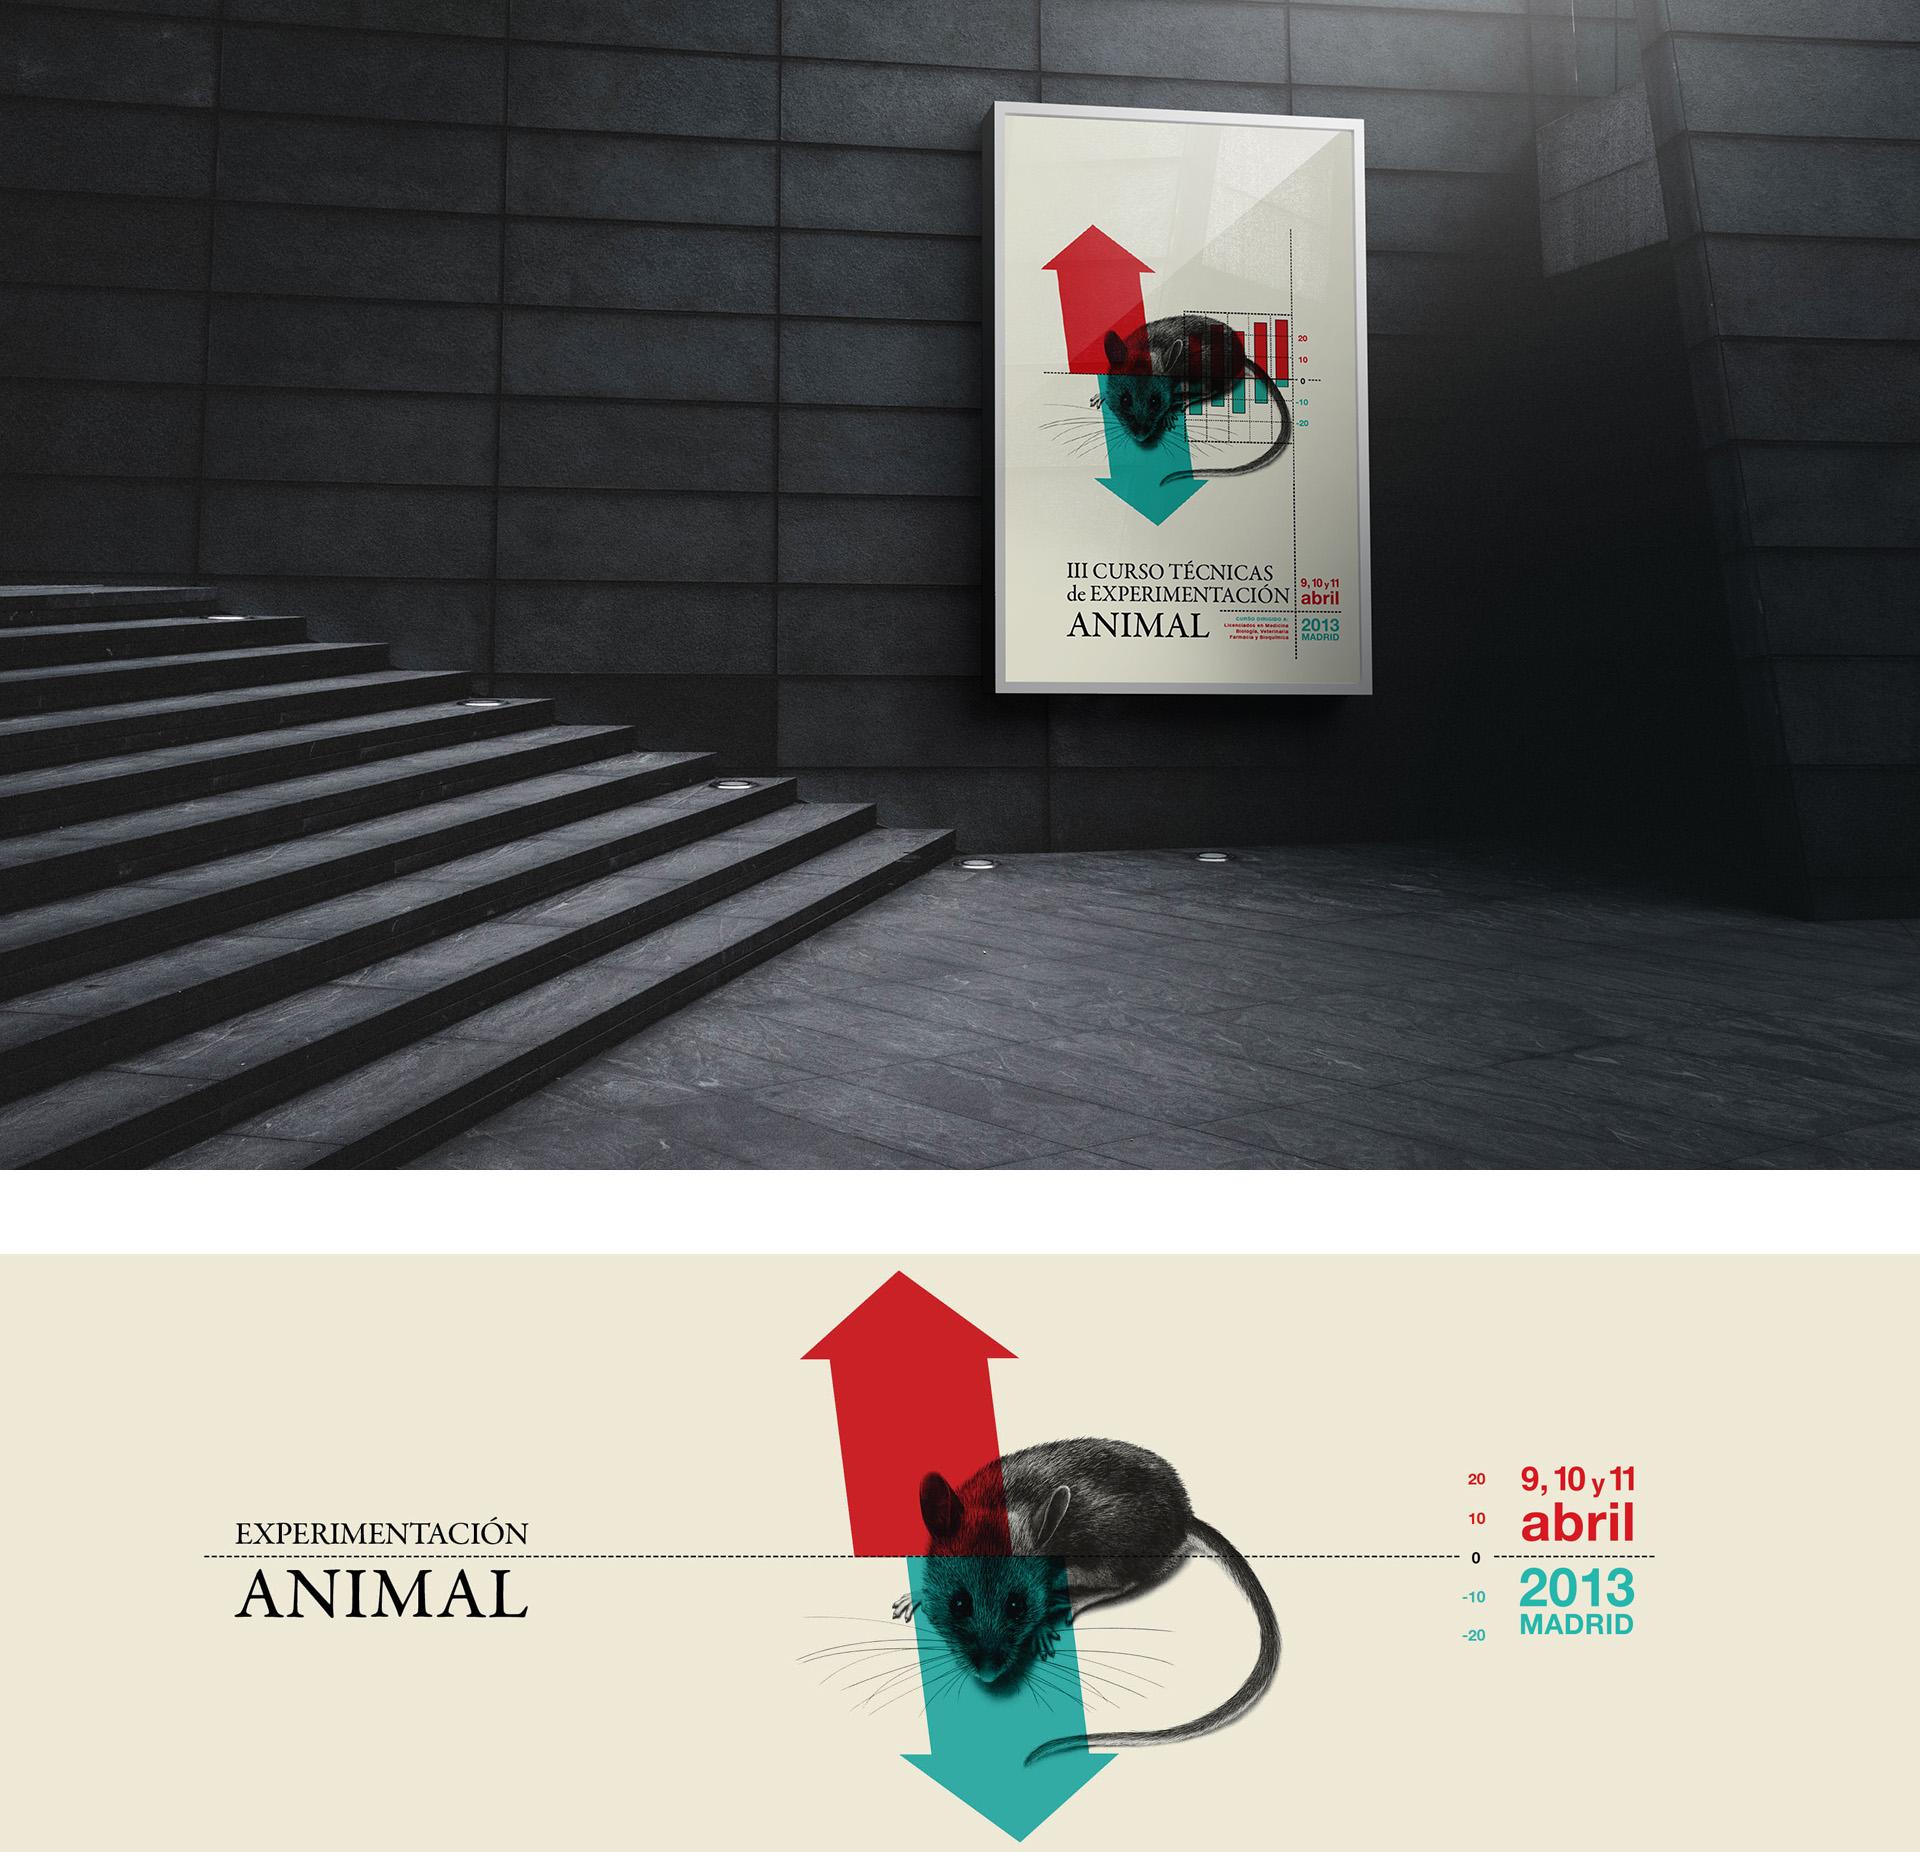 diseño corporativo cartel experimentacion animal susana cid